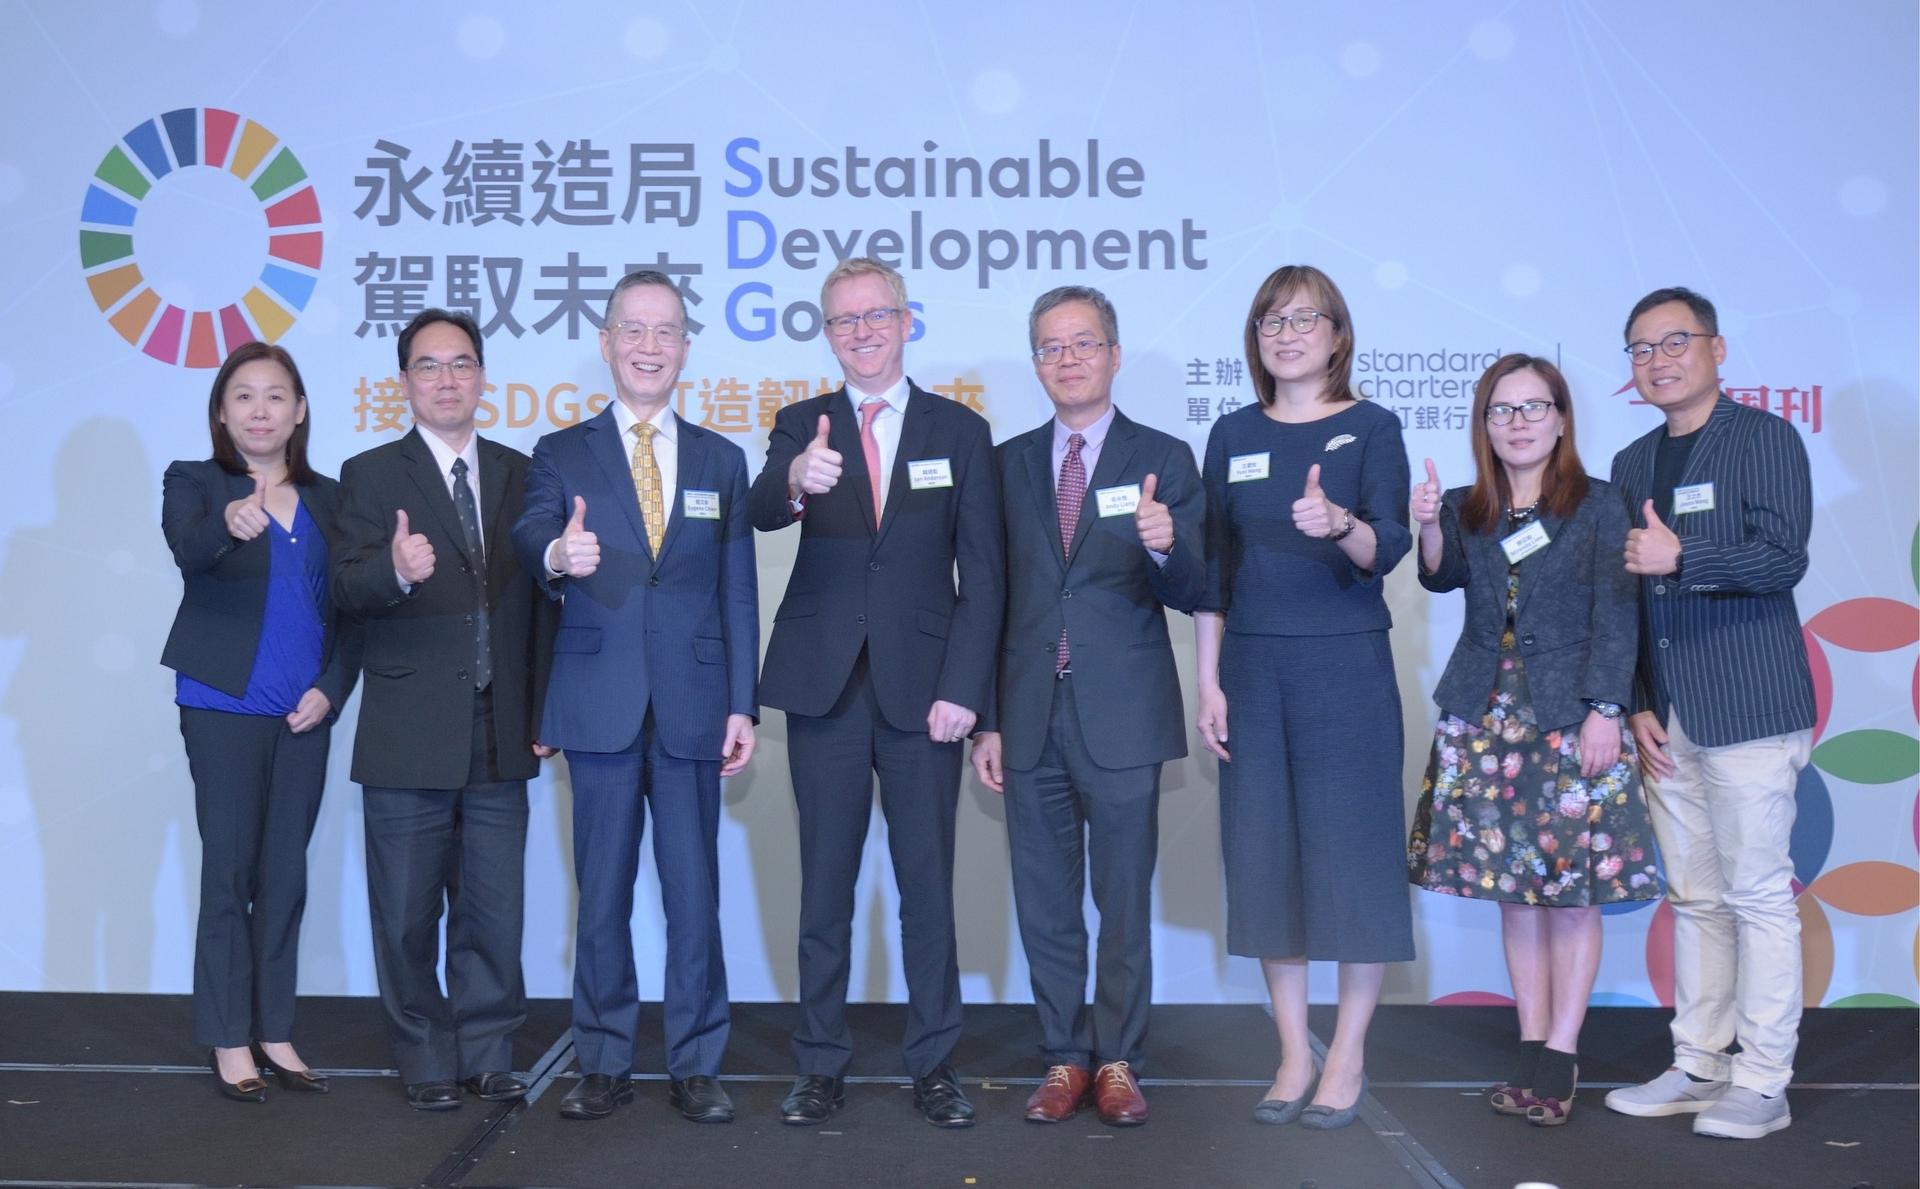 響應政府積極推動綠色金融,渣打銀行日前舉辦「永續造局駕馭未來」SDGs 論壇,透過實務經驗分享與國際趨勢,聚焦台灣永續發展未來。